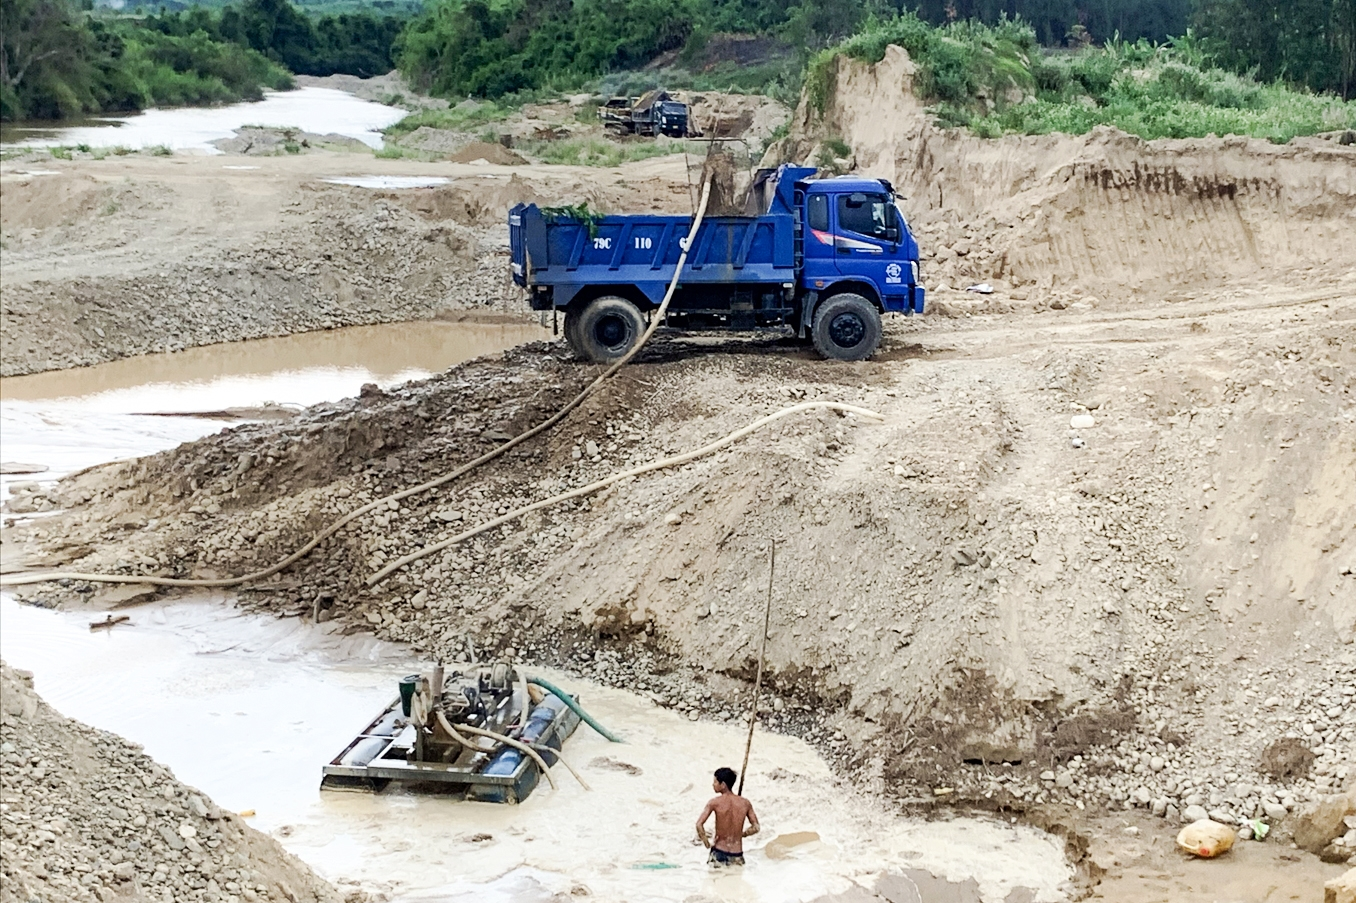 Hoạt động khai thác cát lậu biến dòng sông Chò tại thôn Cà Thiêu, xã Khánh Hiệp thành đại công trường